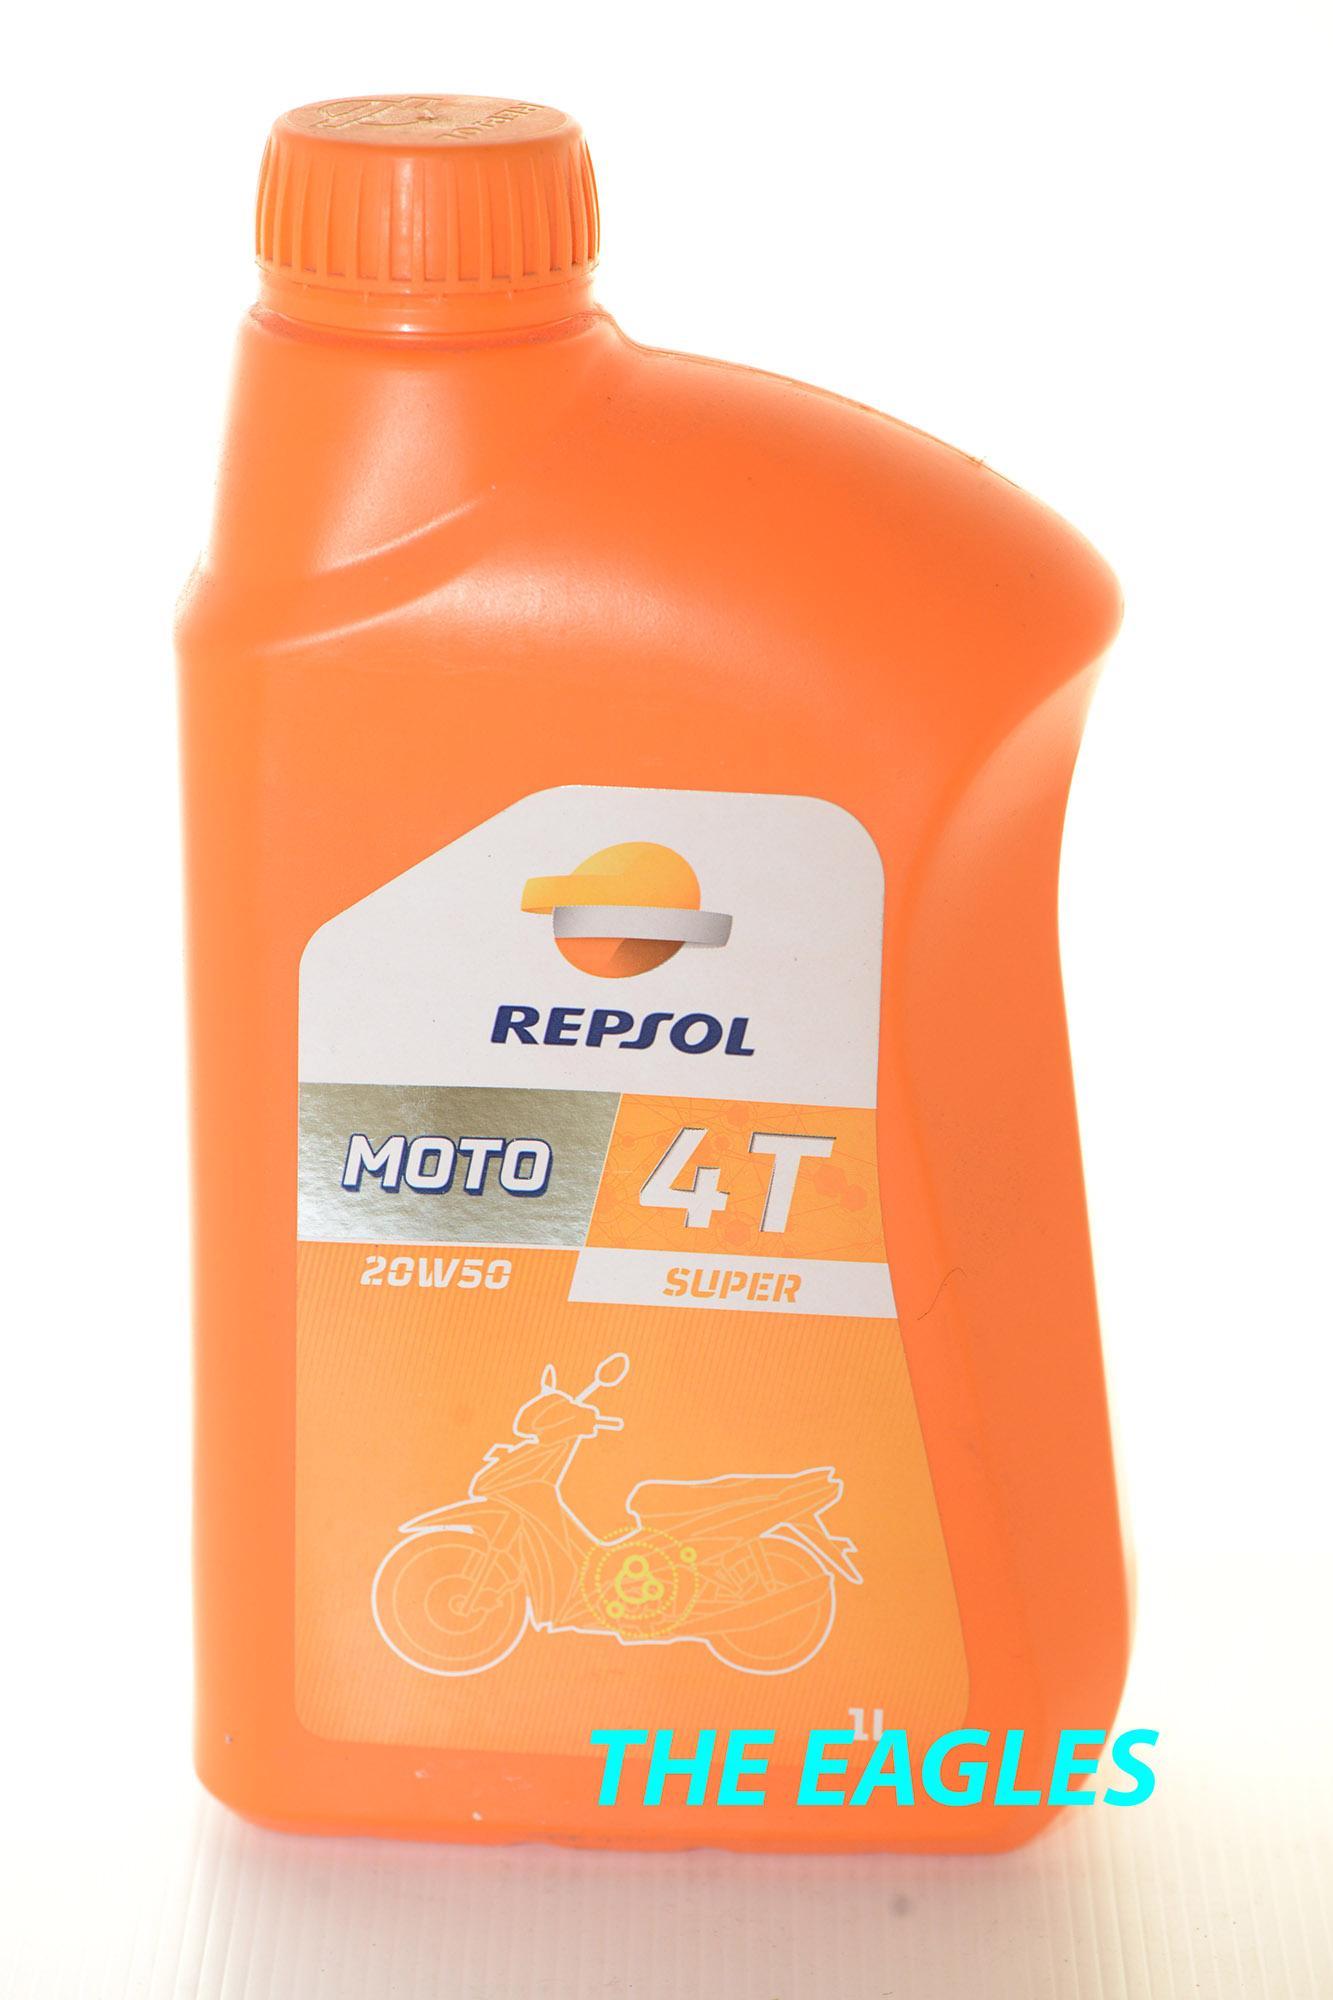 REPSOL Oil MOTO SUPER 1L 4T 20W50 Oli lubricant minyak pelumas